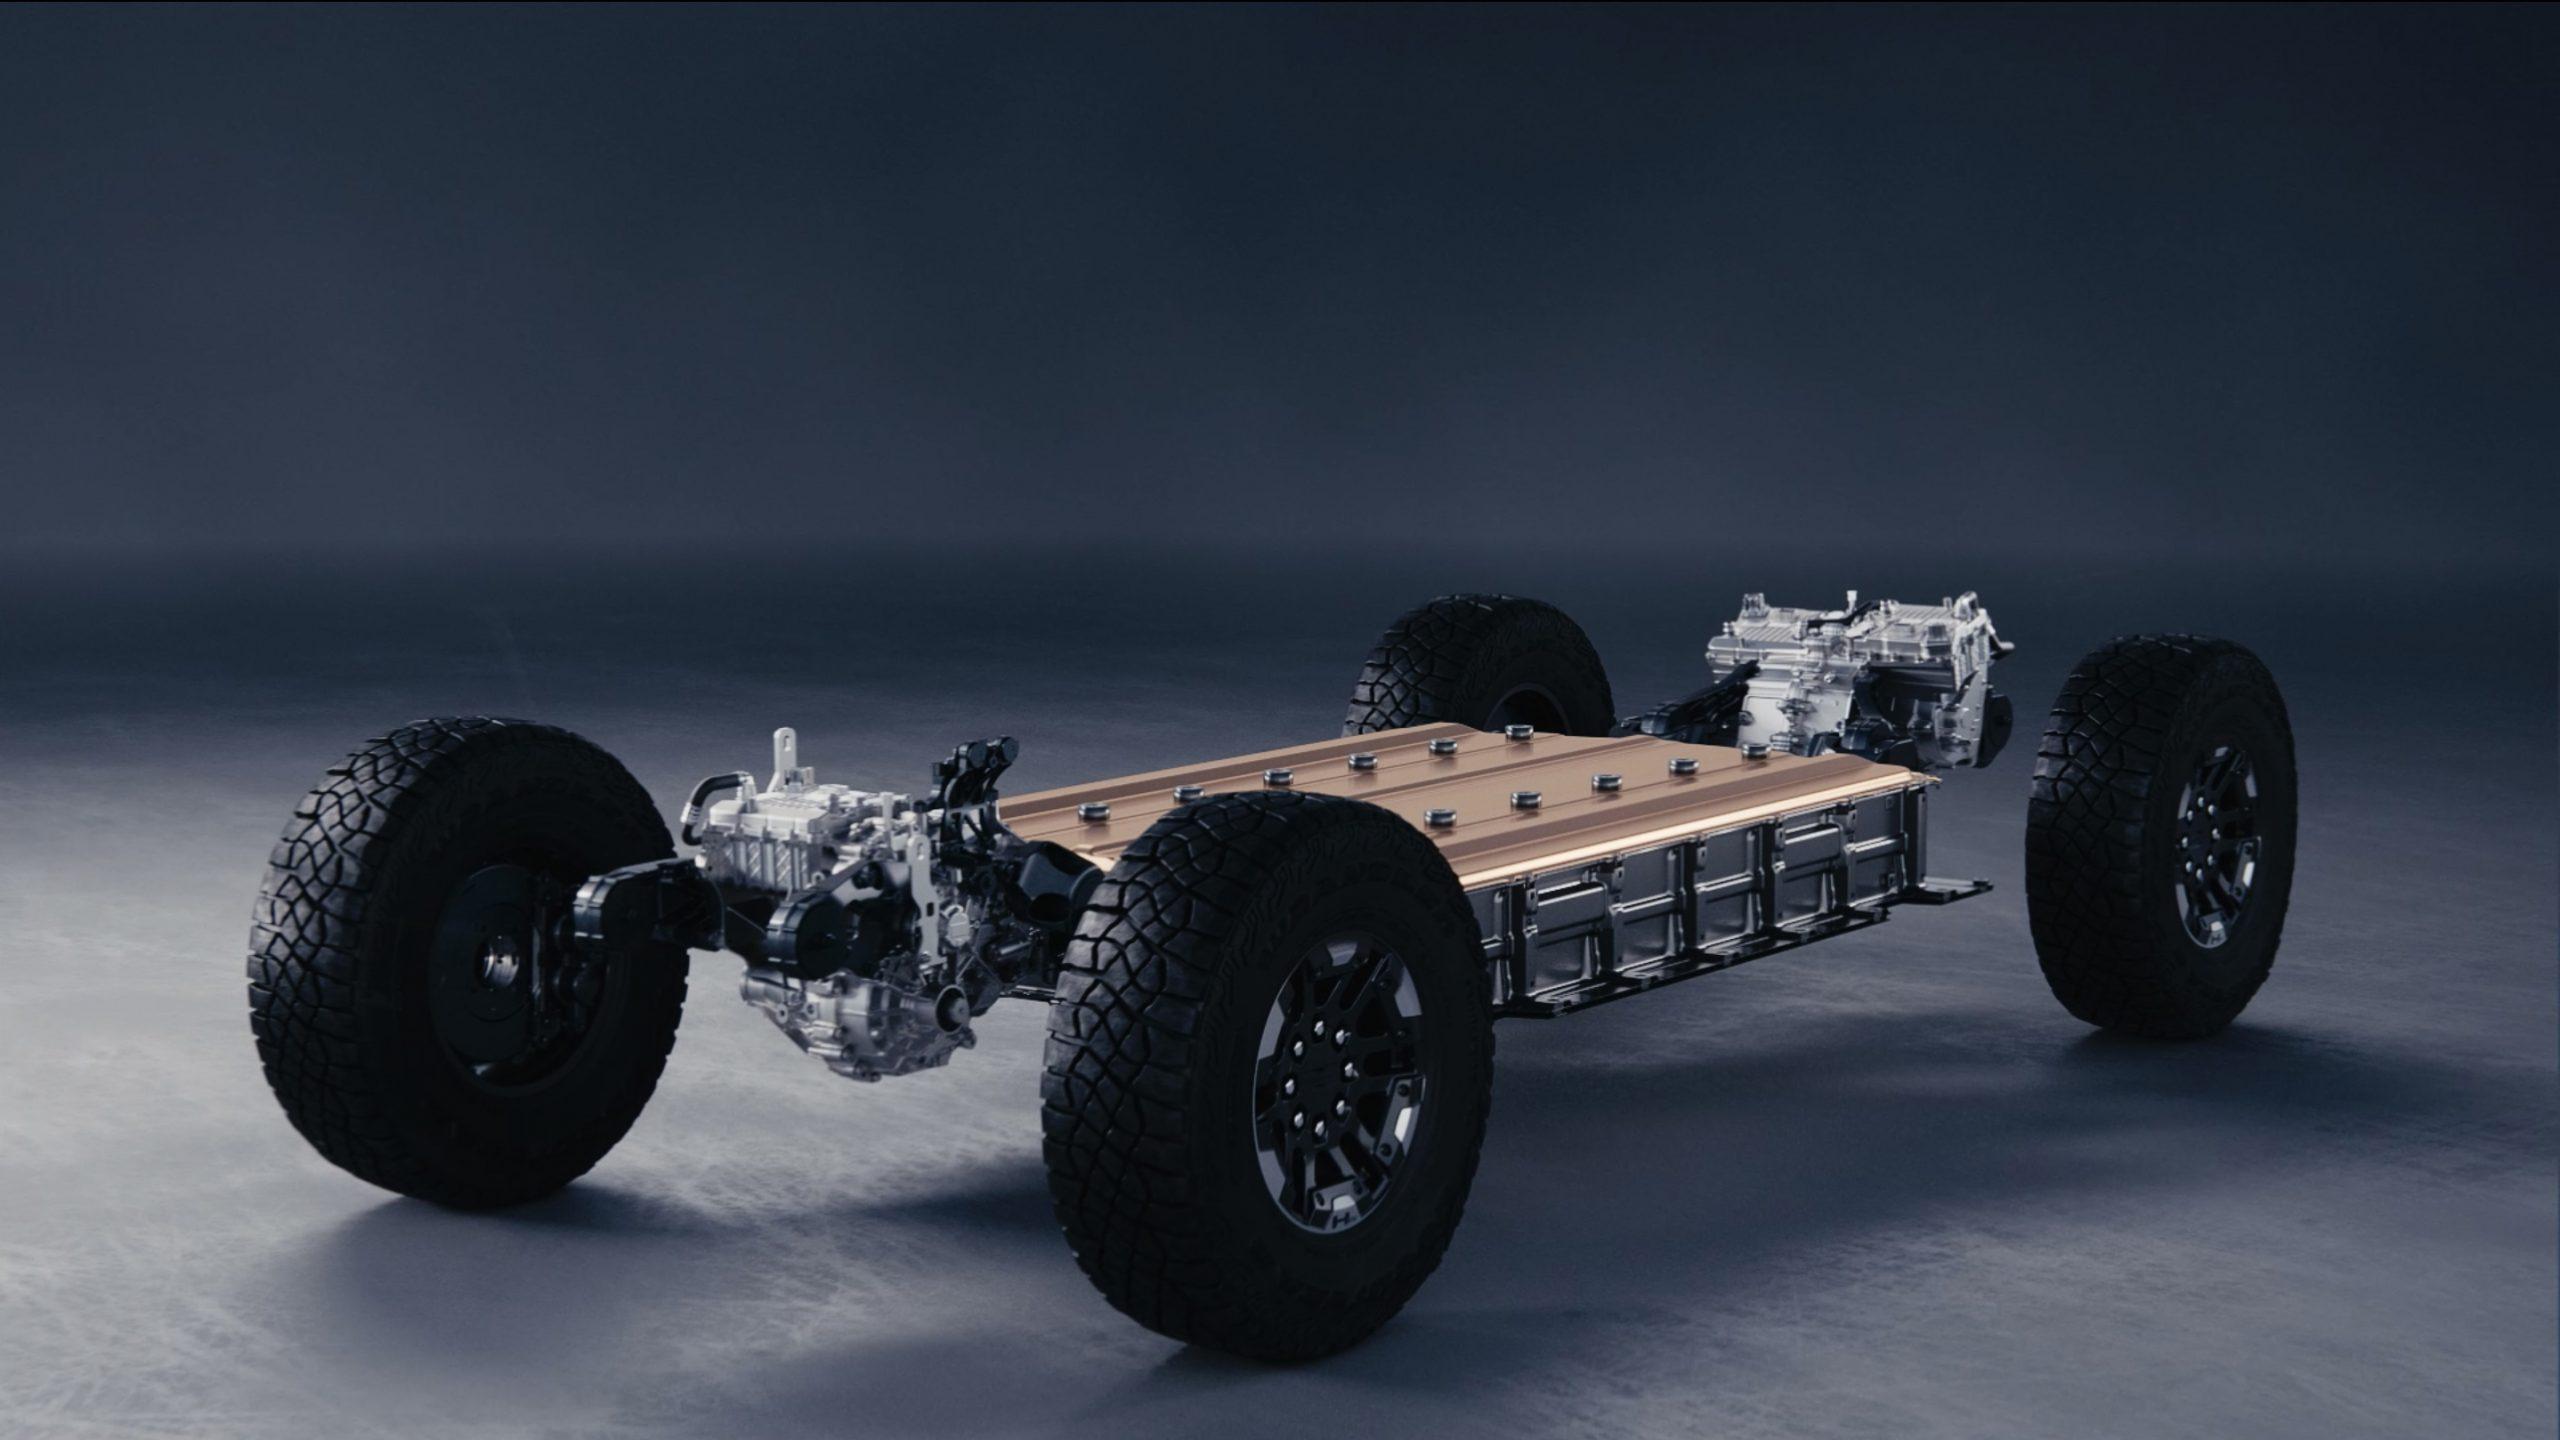 2022 GMC Hummer EV chassis